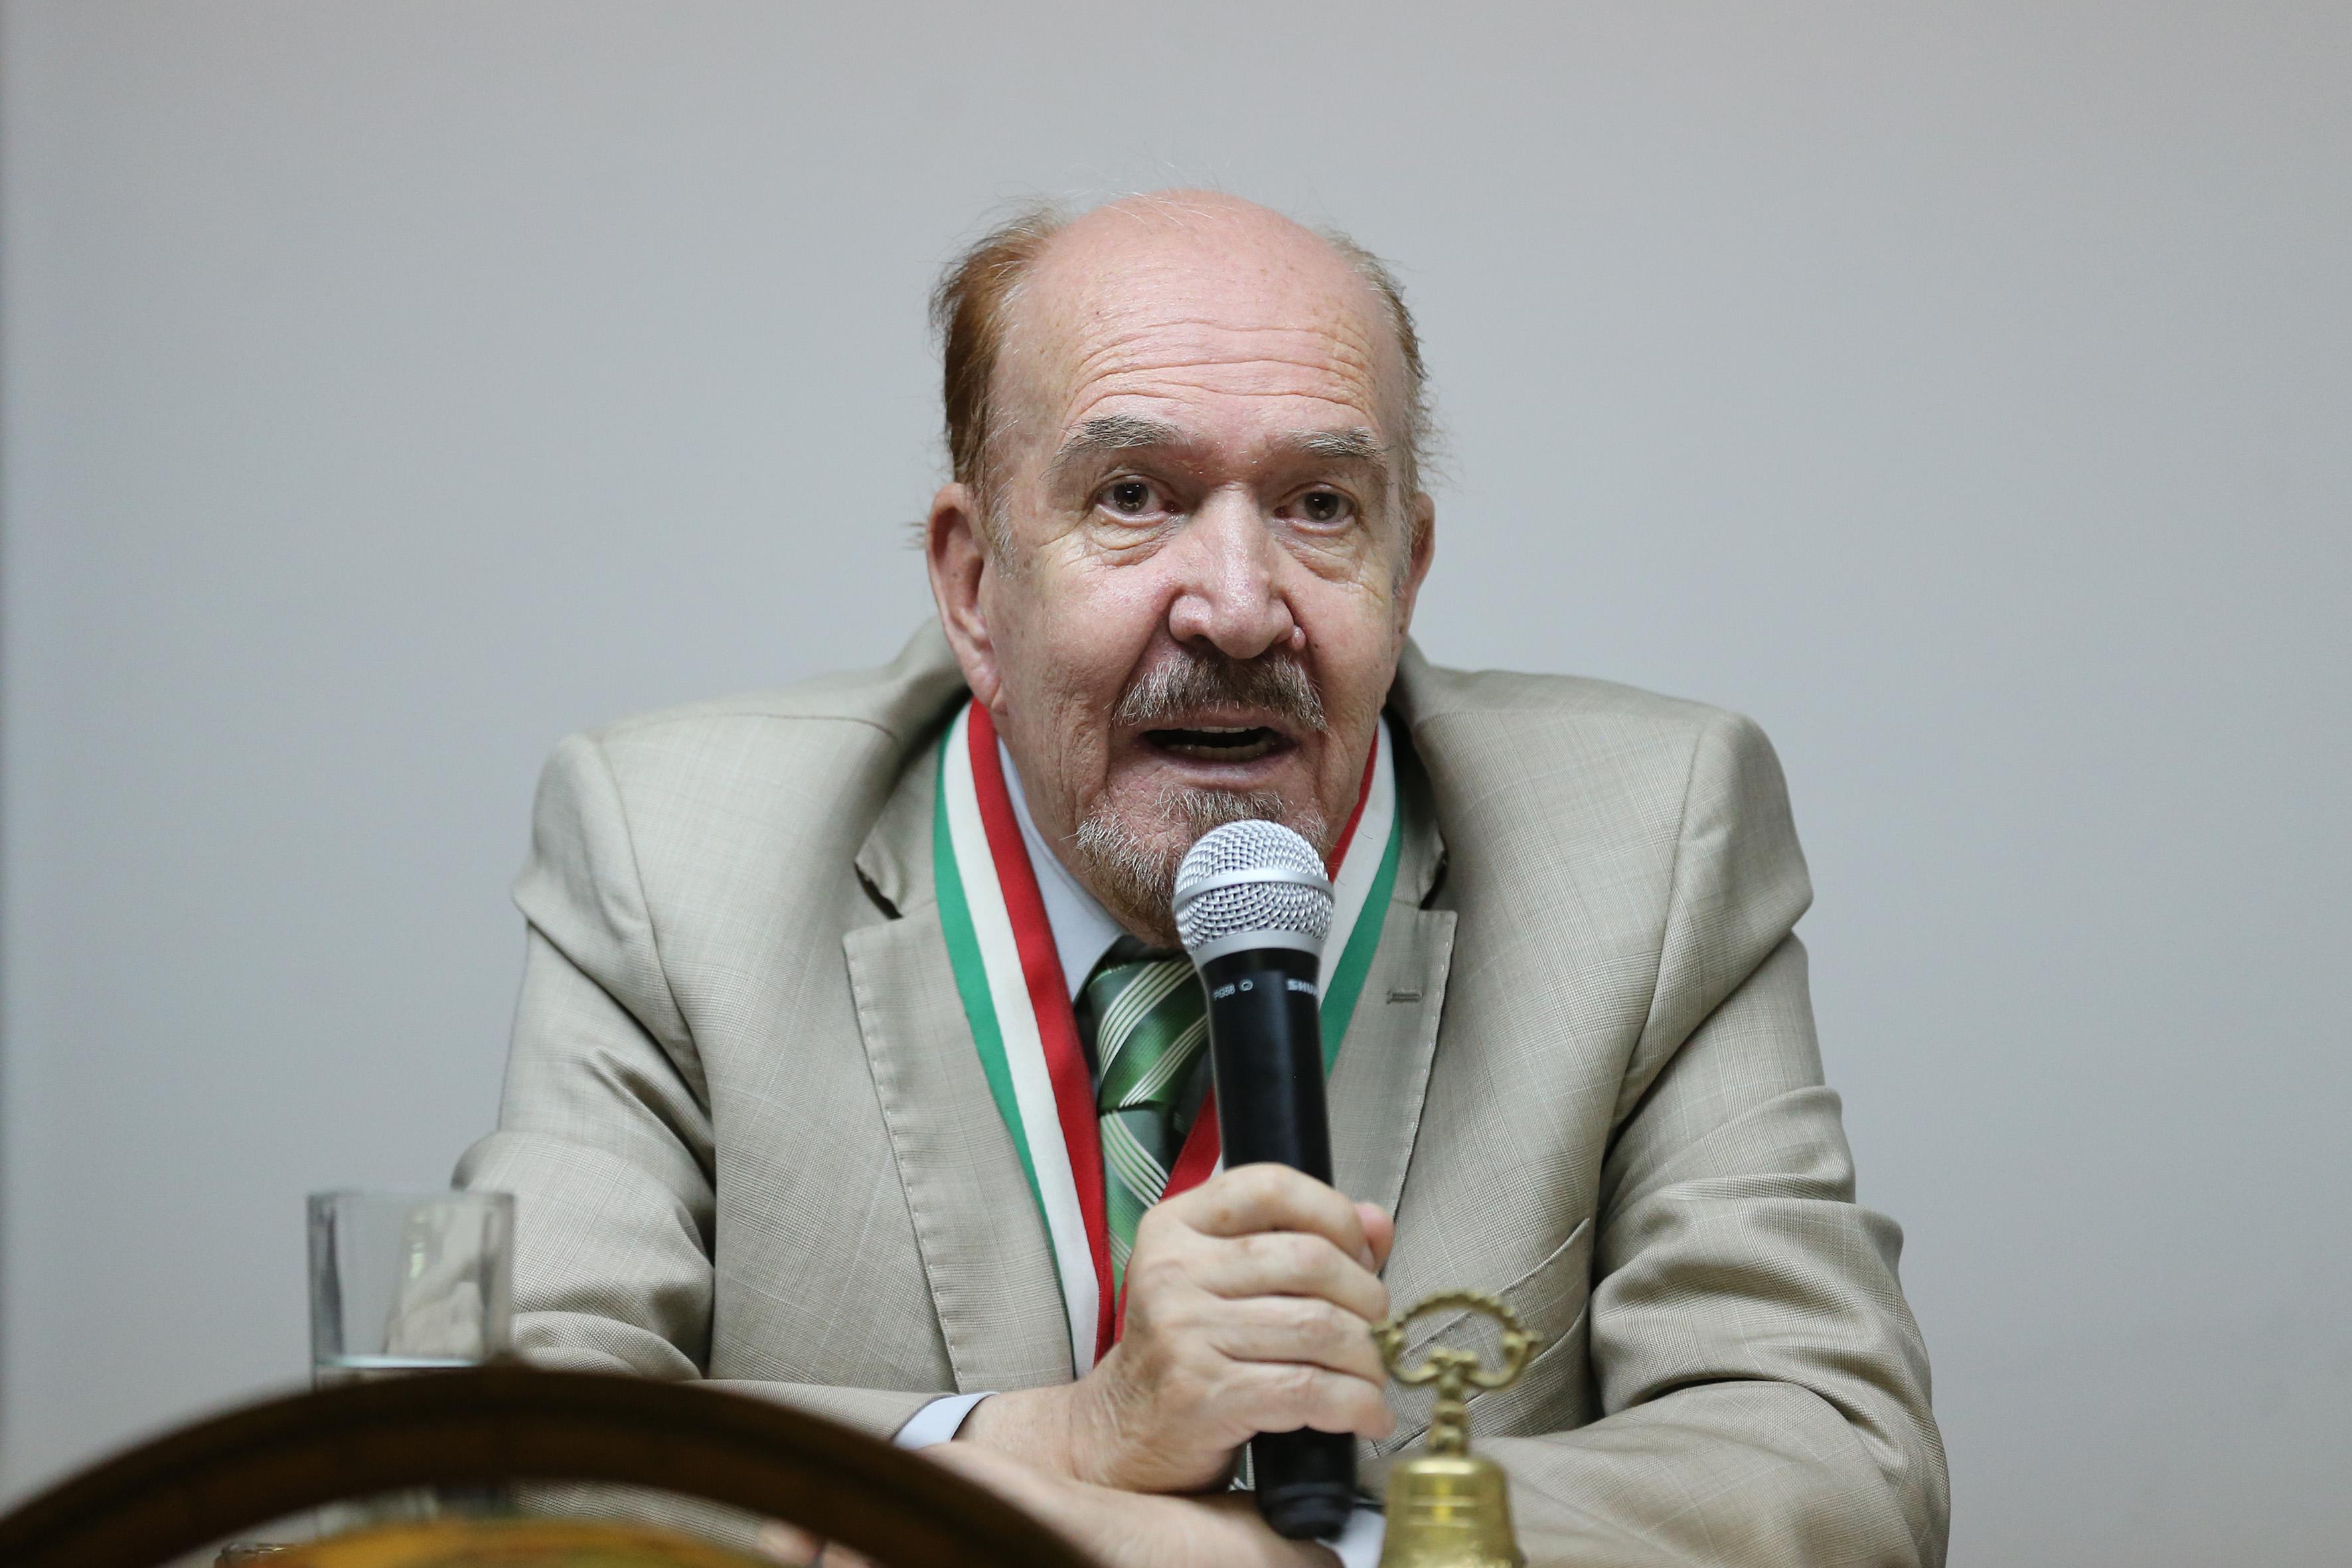 Representante y titular de la Benemérita Sociedad de Geografía y Estadística del Estado de Jalisco, AC; con micrófono en mano haciendo uso de la palabra, durante evento.